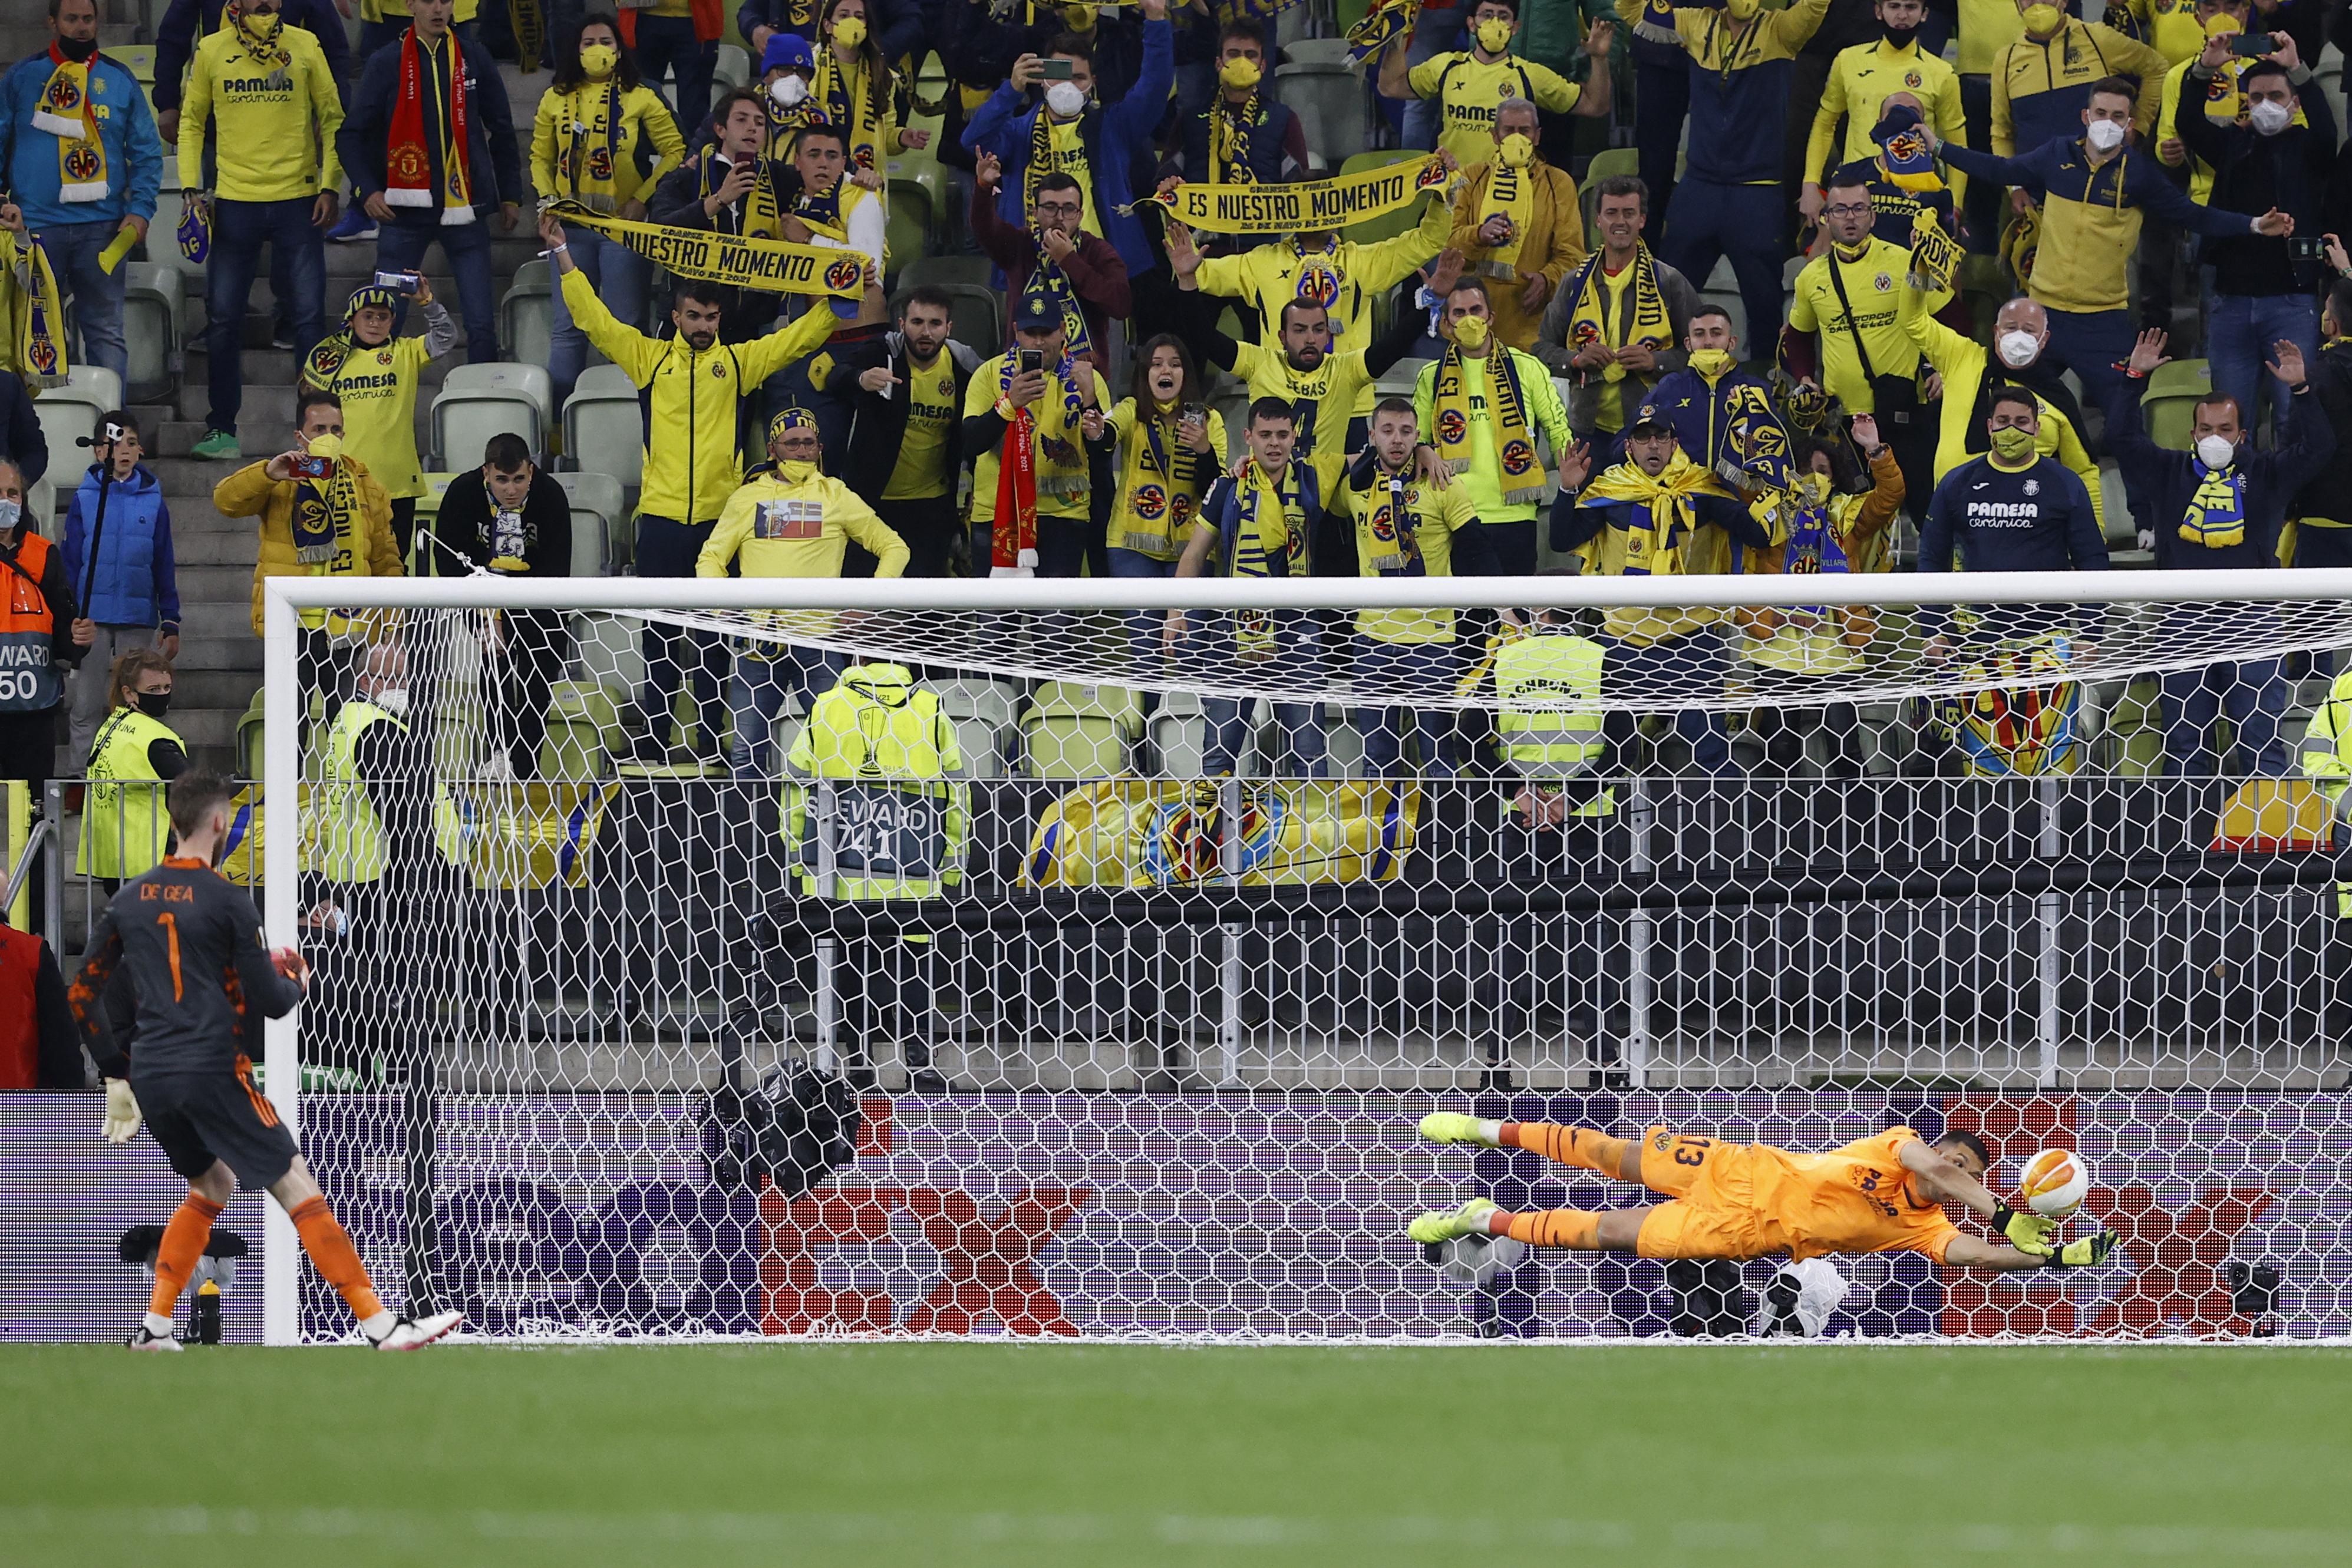 A 22. tizenegyessel dőlt el az Európa-liga döntője